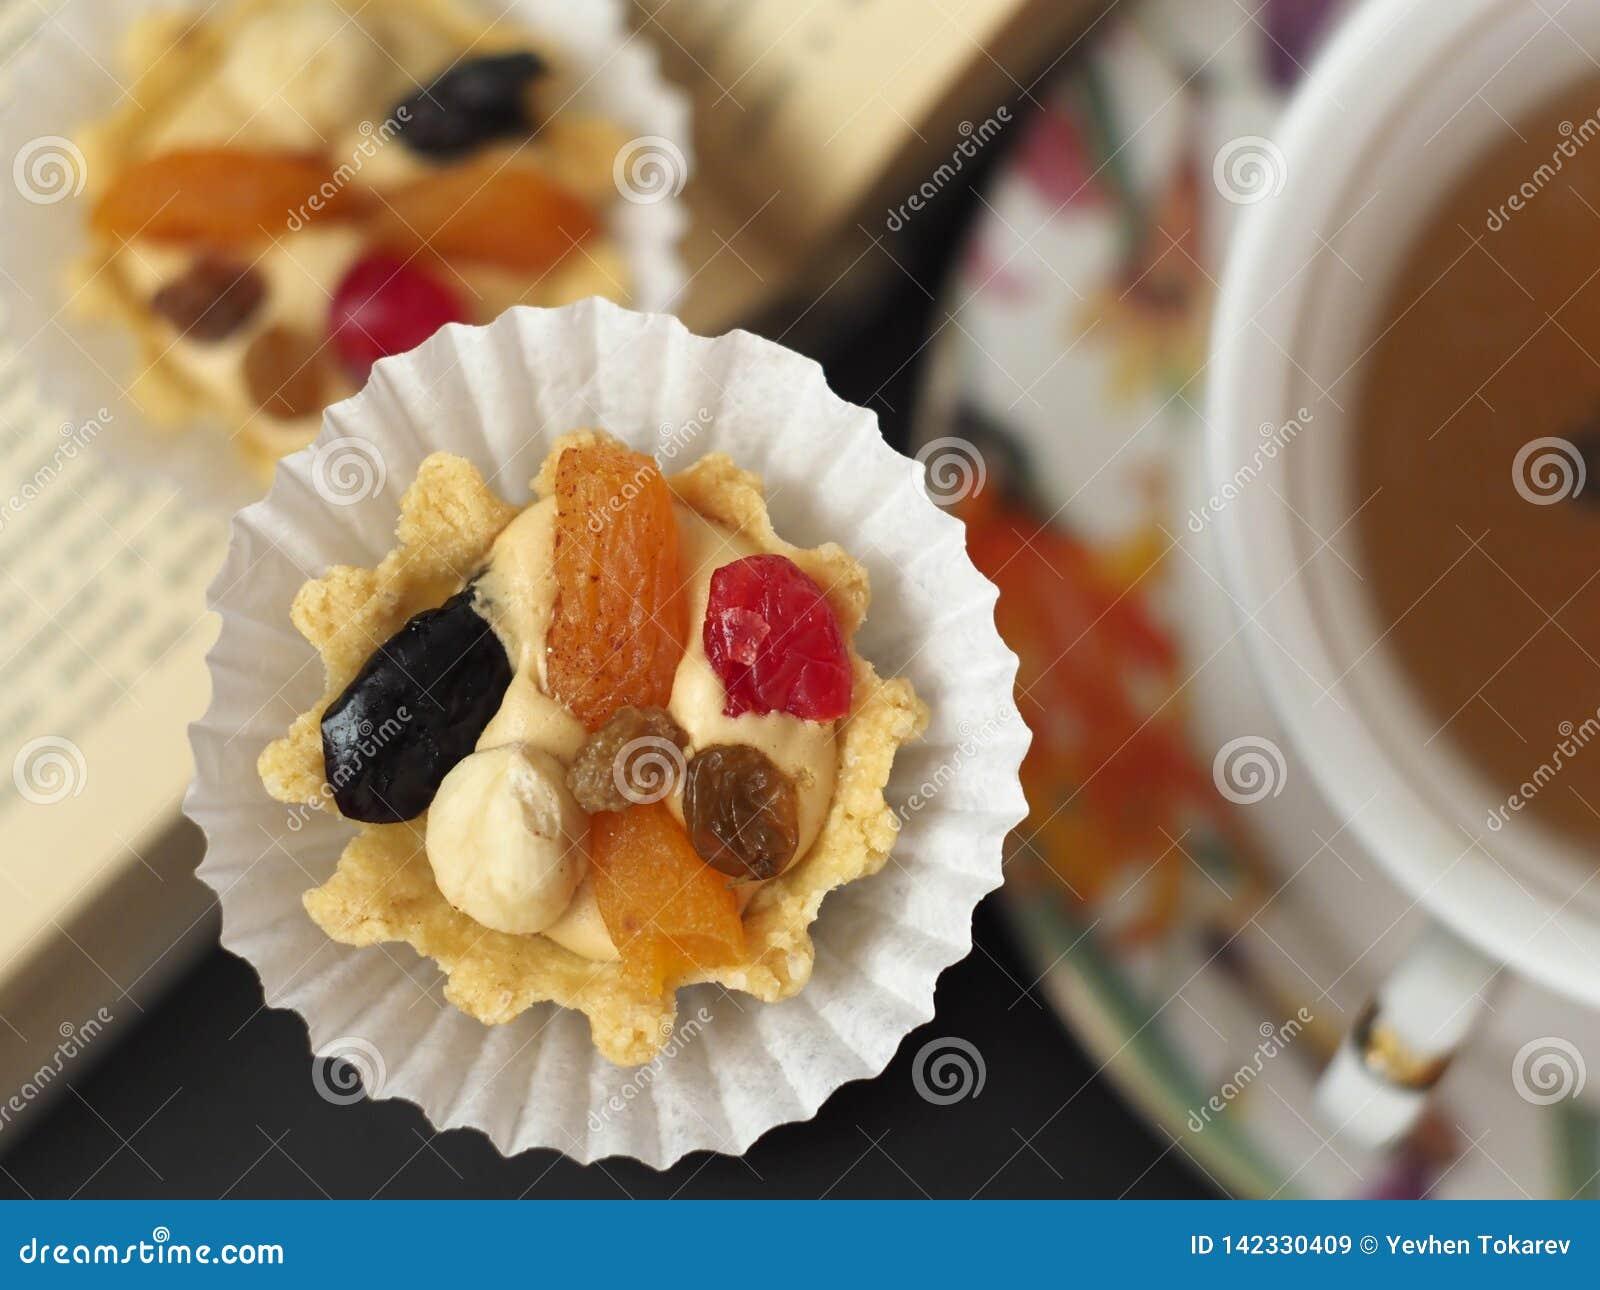 Dos tortas con crema y fruta de la mantequilla cerca de una taza de té en el libro abierto